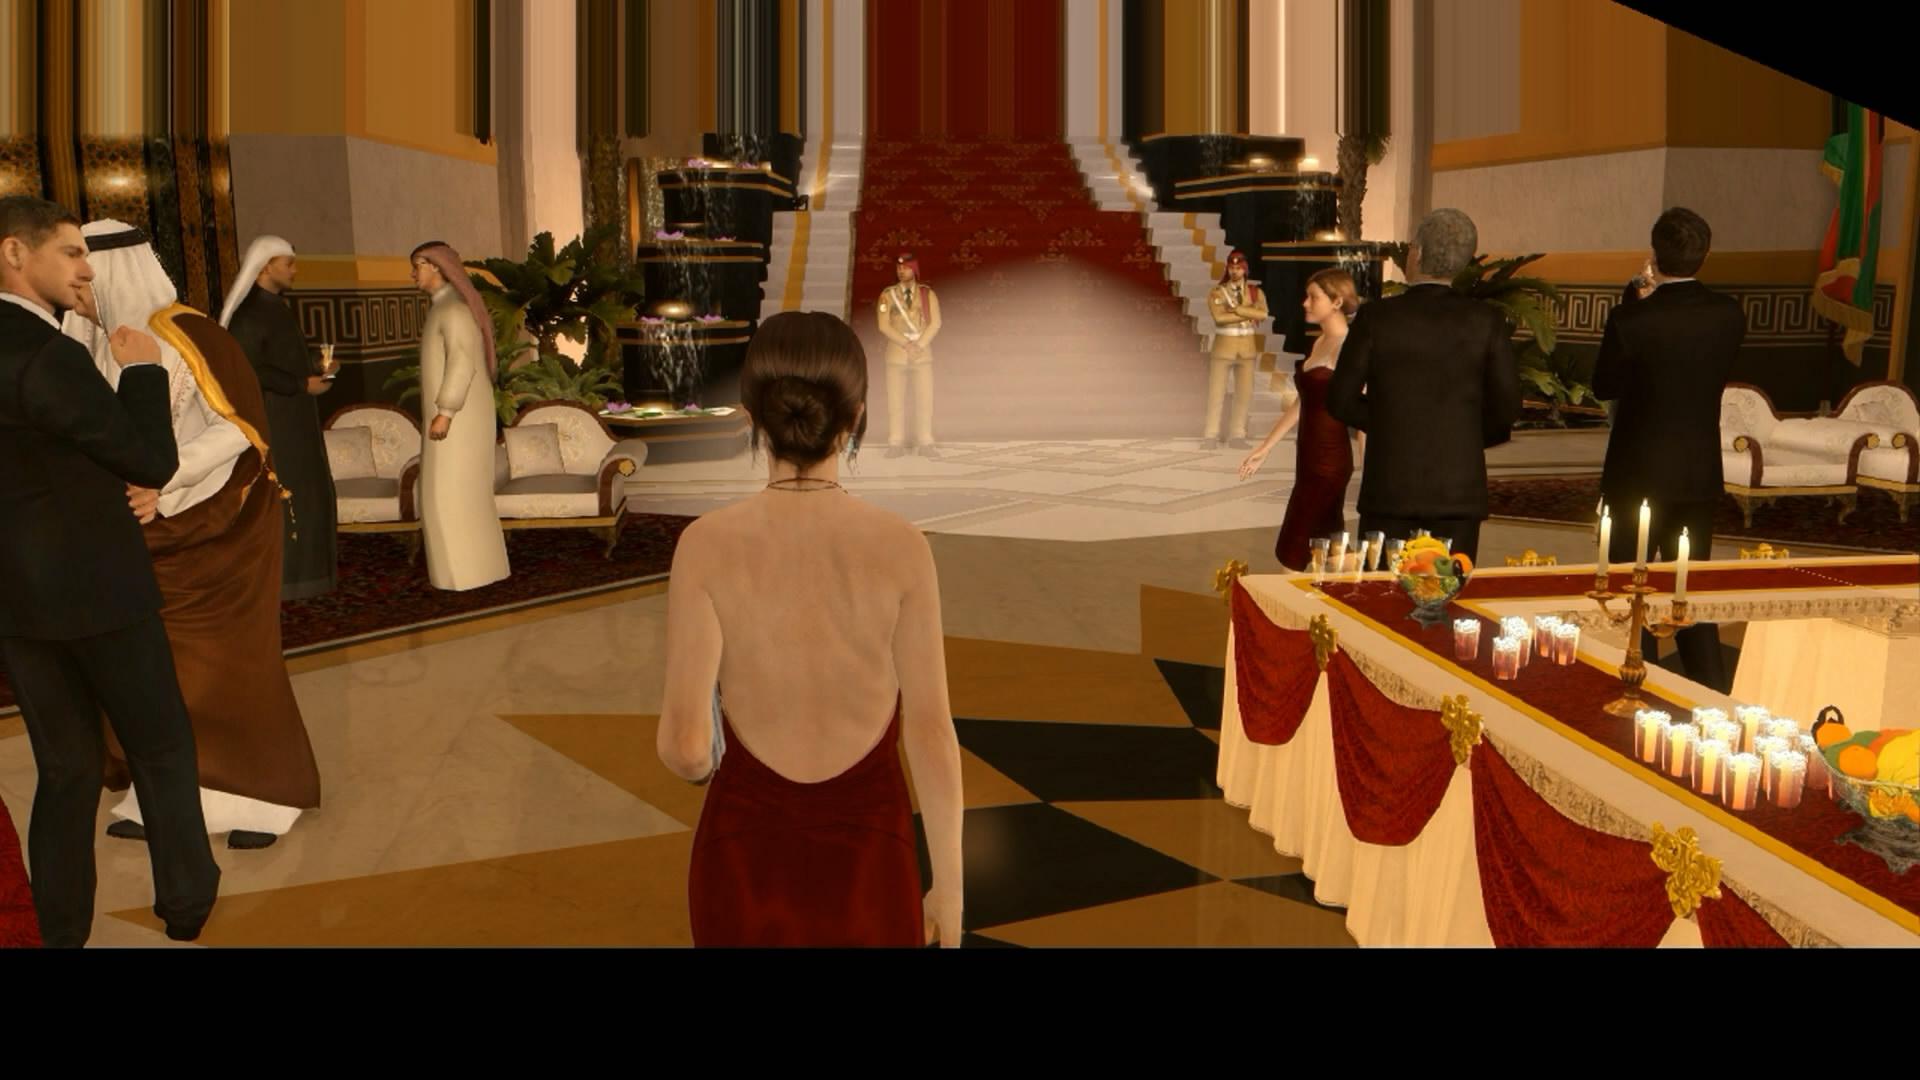 PS3模拟器RPCS3新版演示 《战神3》《神海1》画质提升